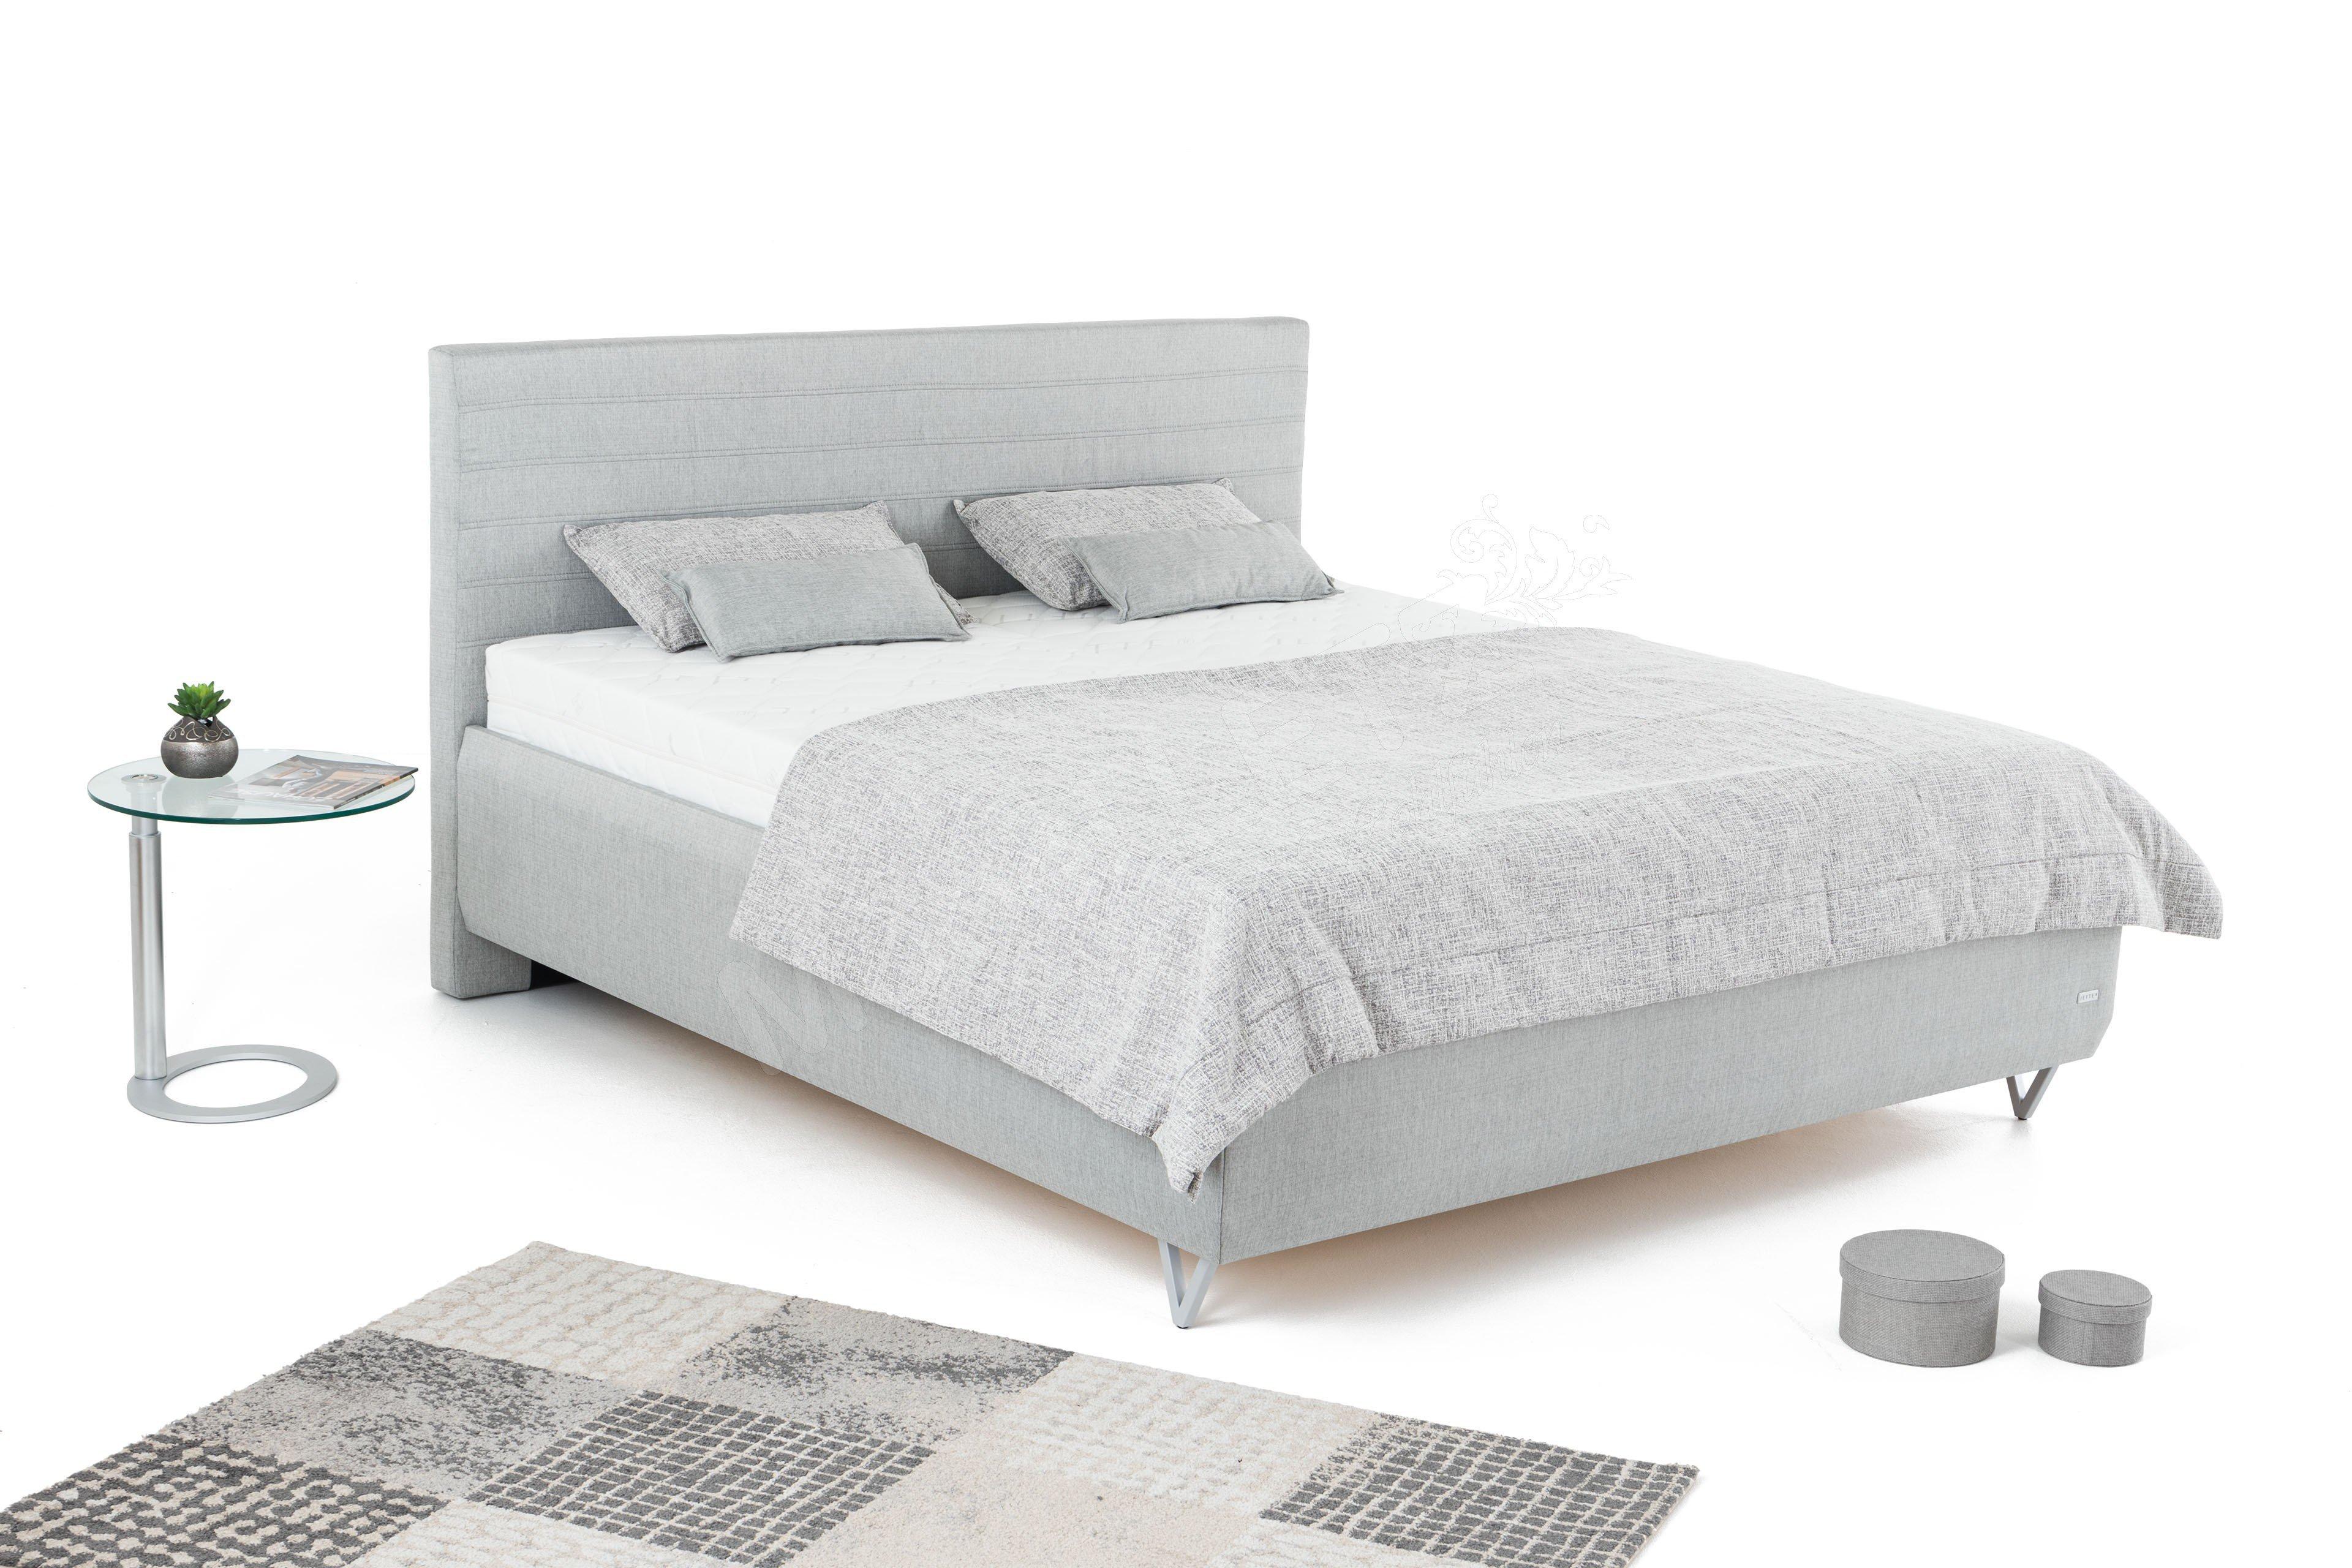 Polsterbett 103 Lines Von Jette Betten Inkl Bettkasten Möbel